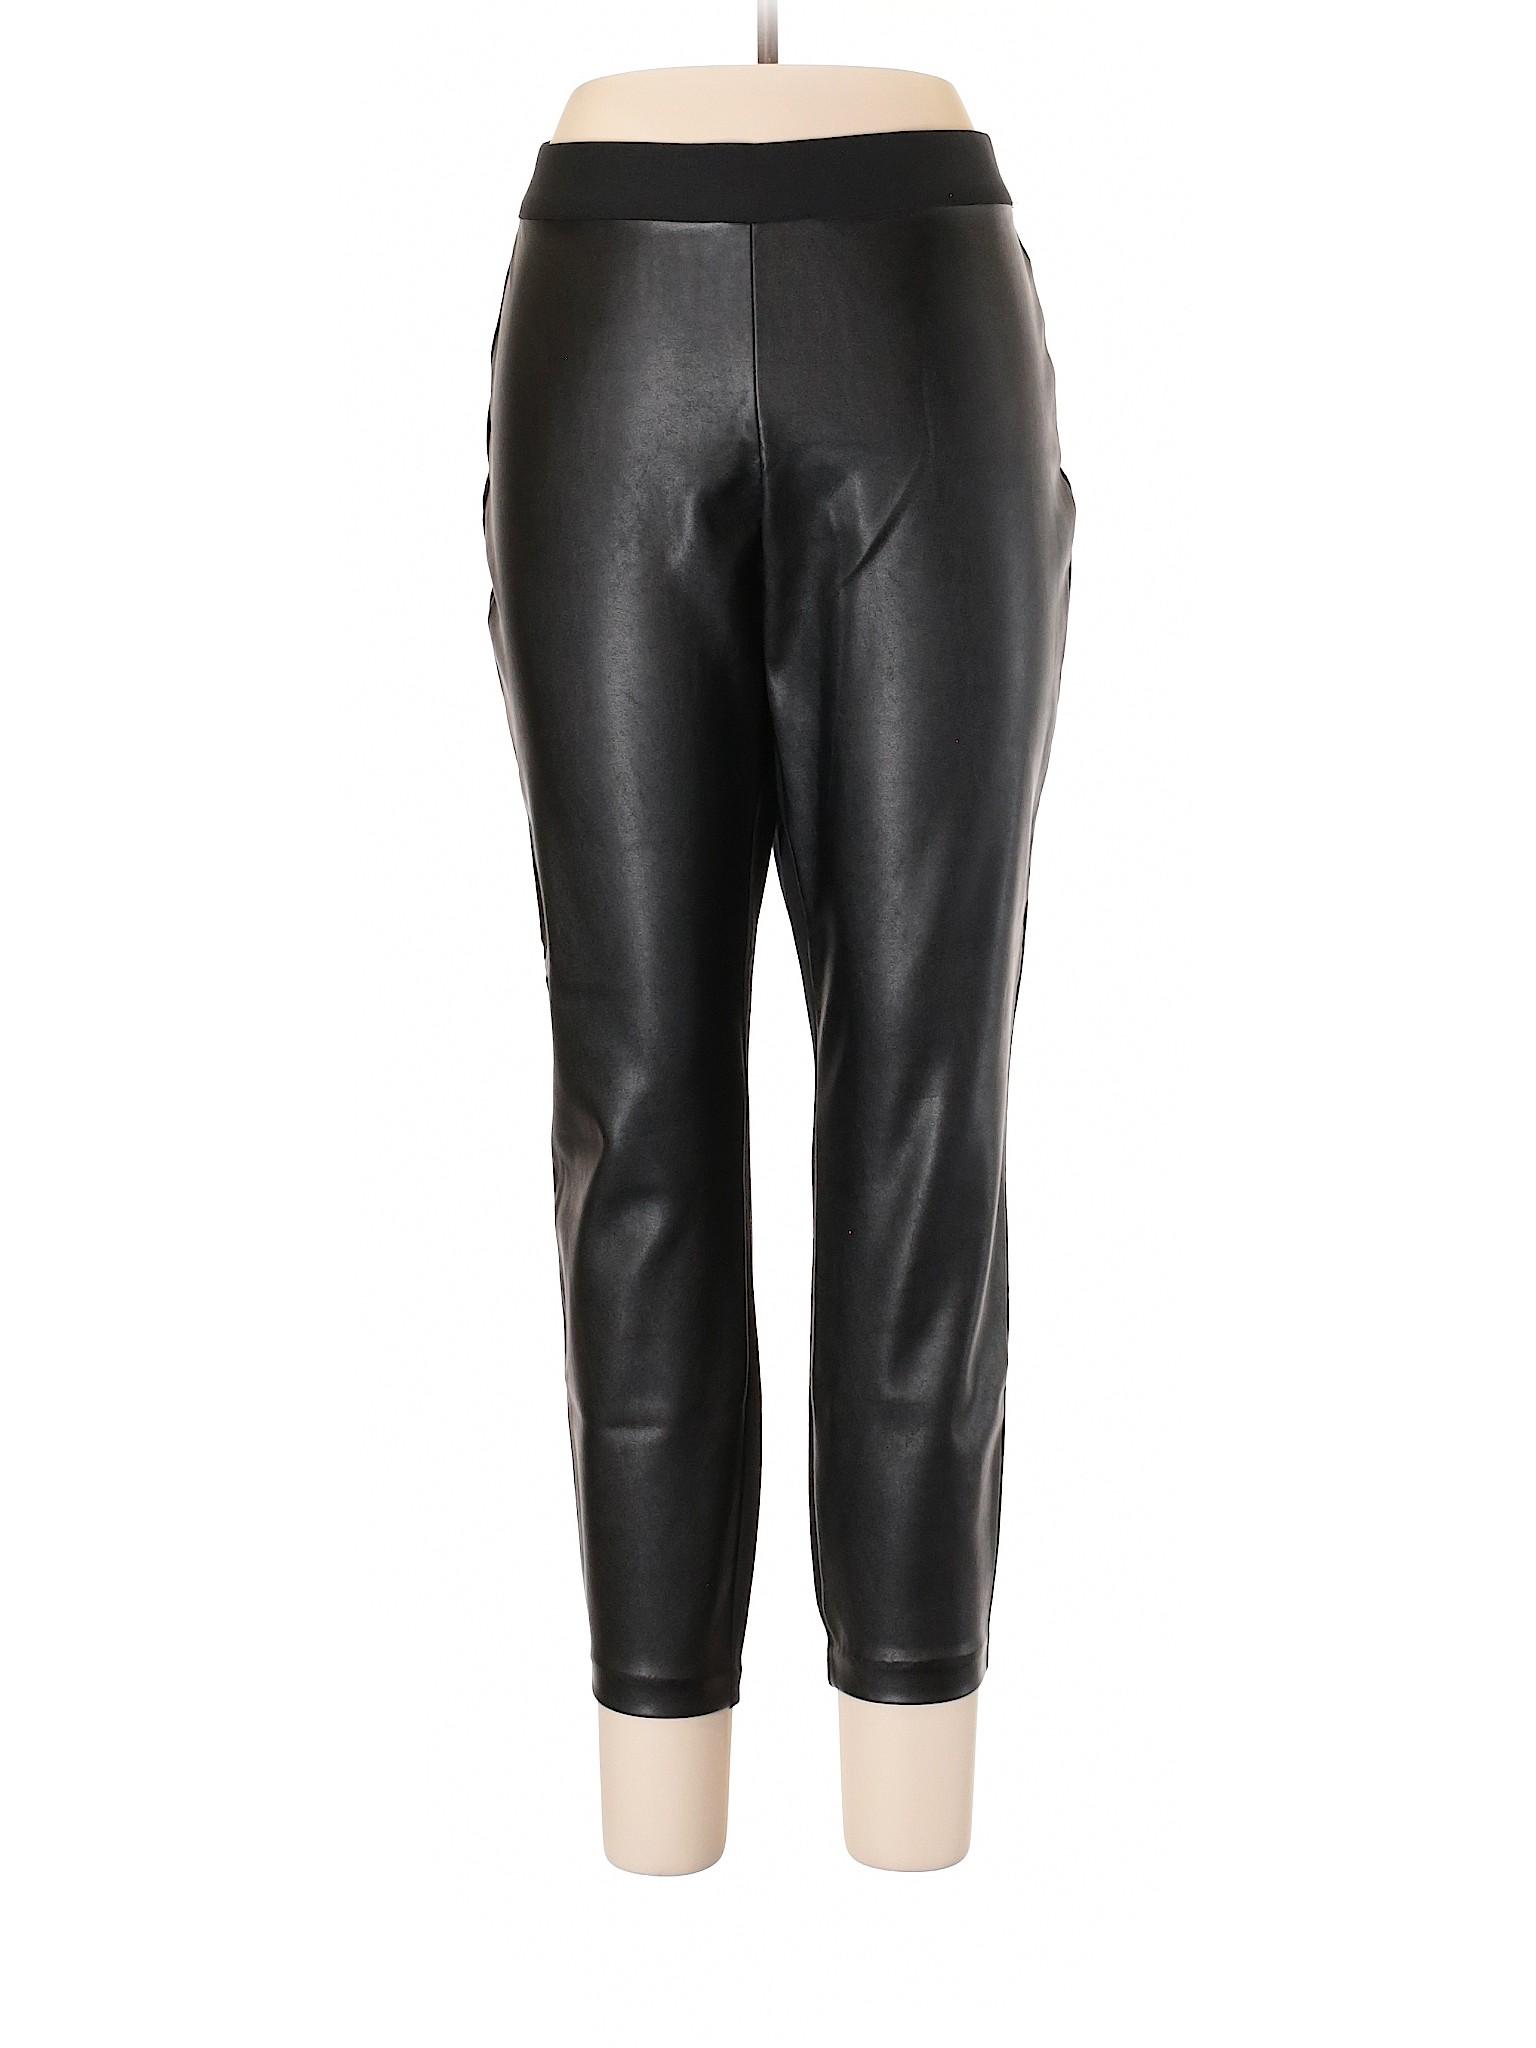 Leather Boutique Faux Pants Gap leisure qqYtwRO